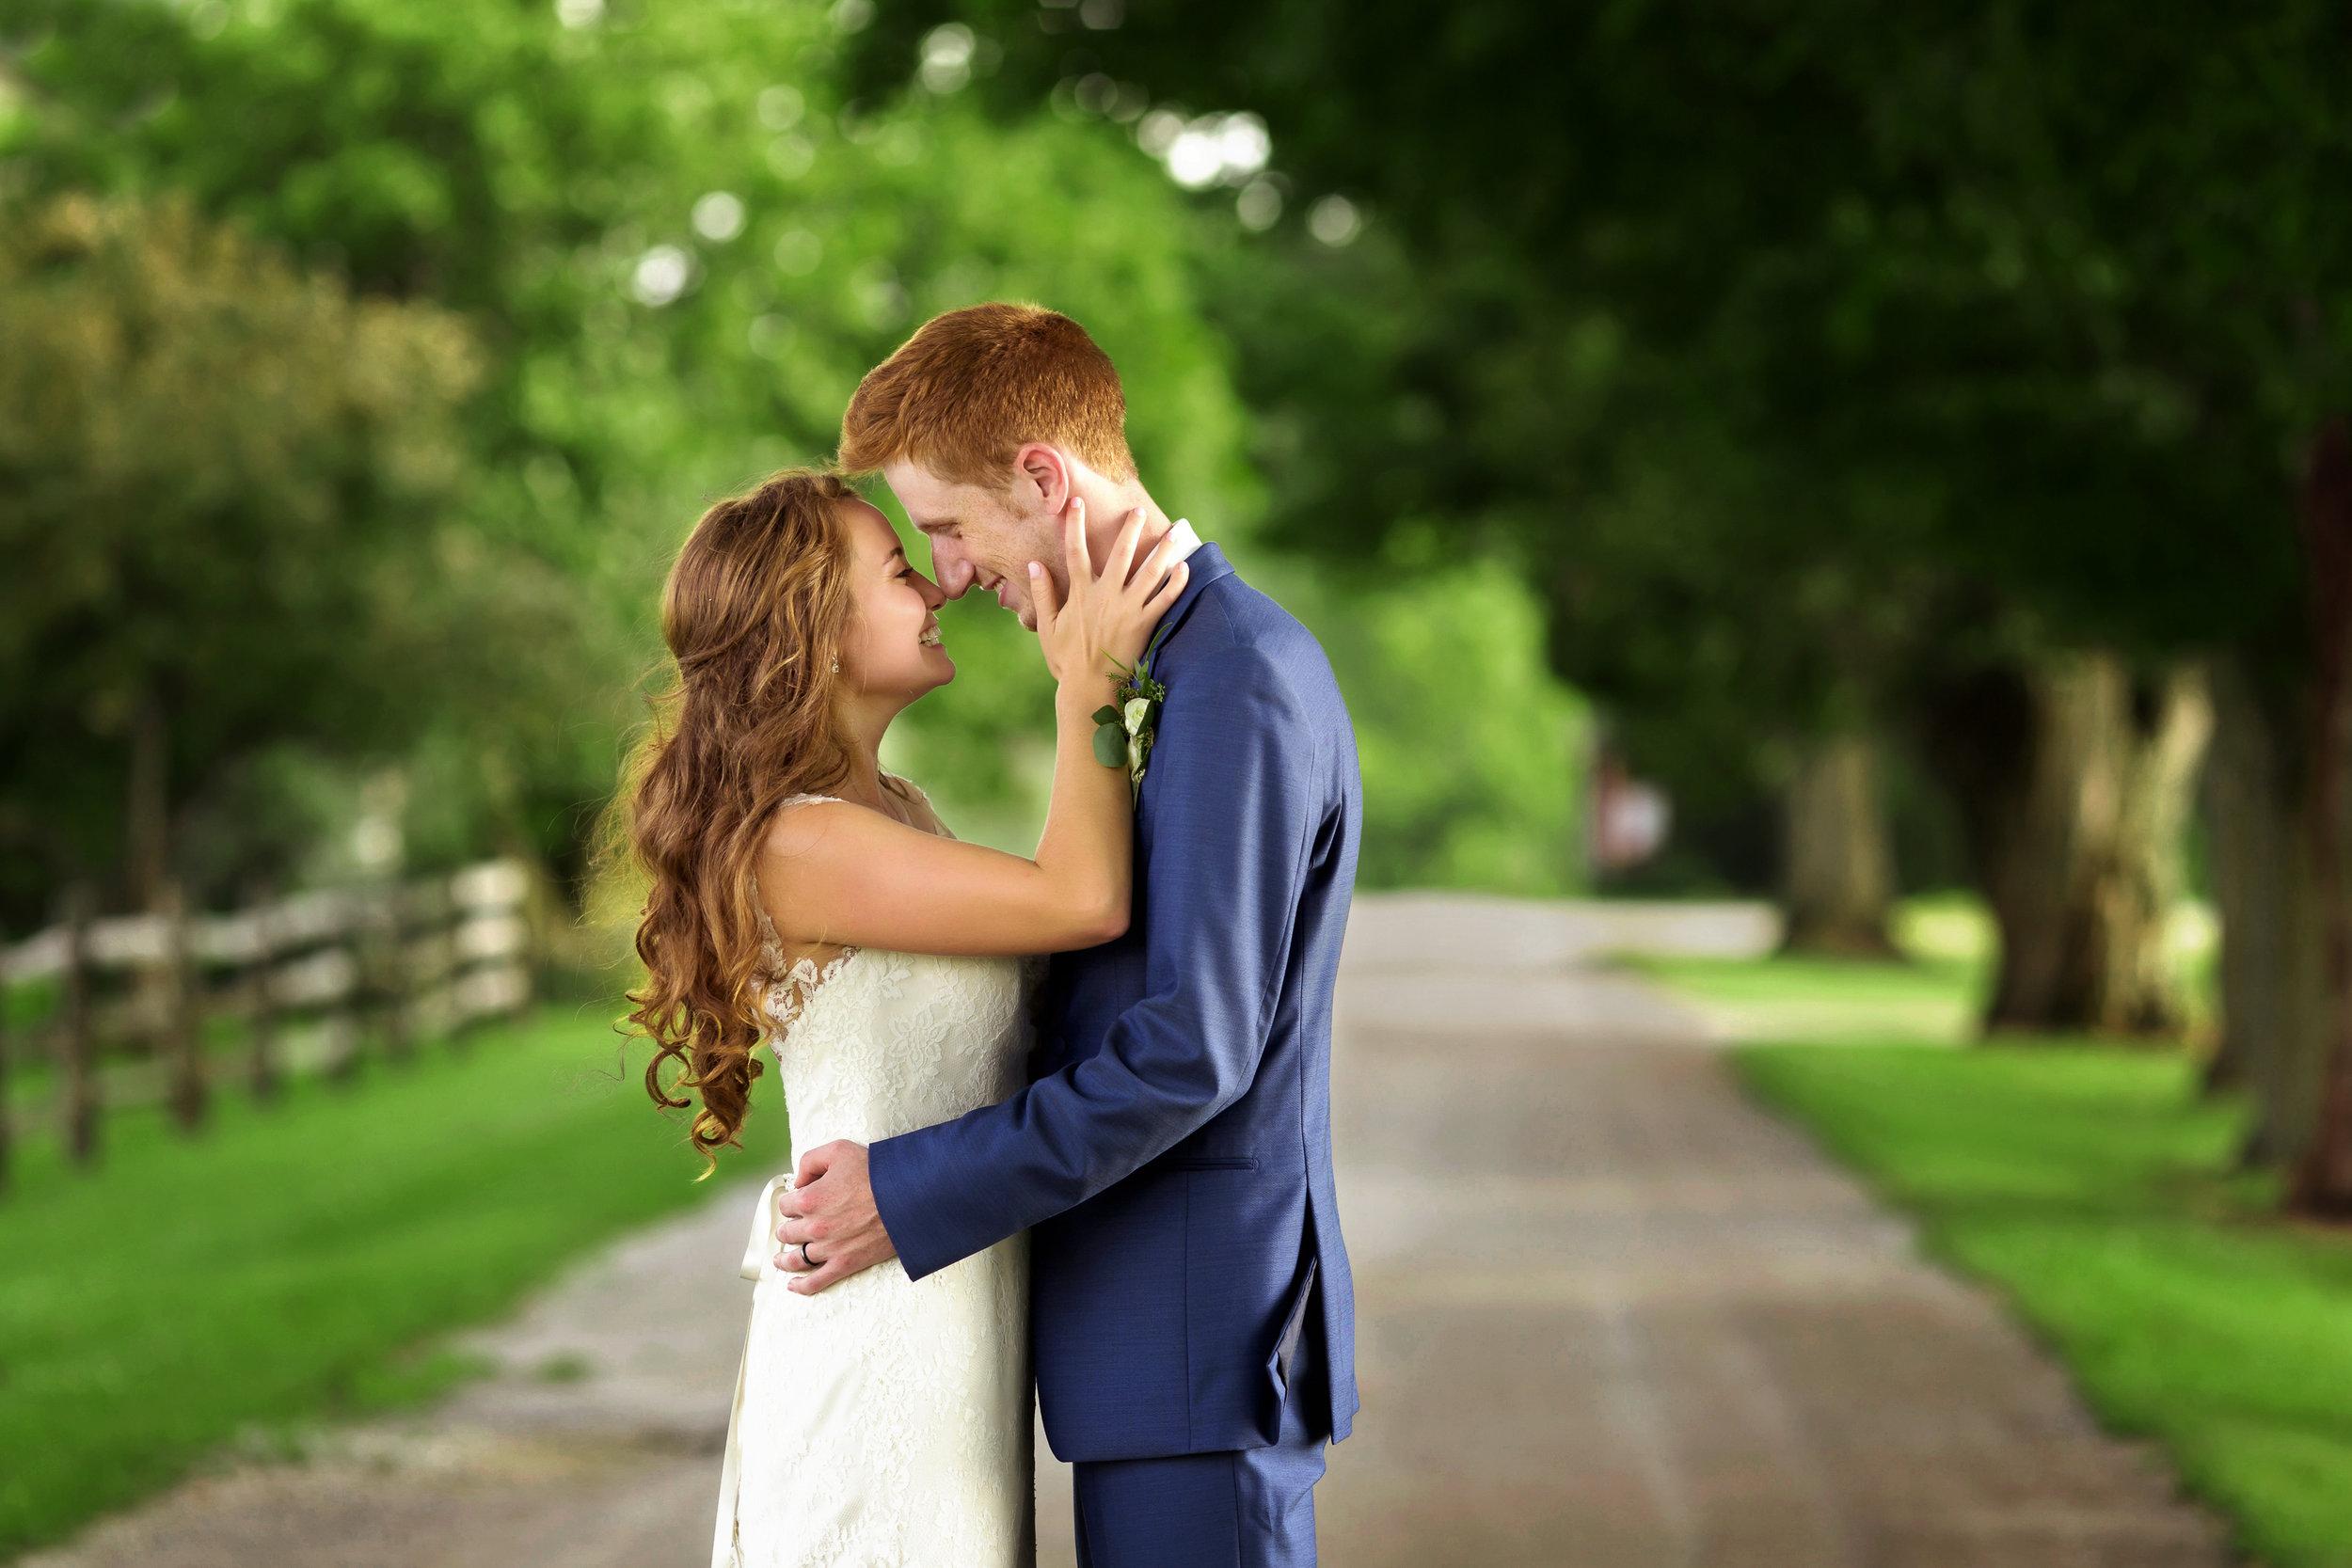 stair-bright-bride-groom-025.jpg